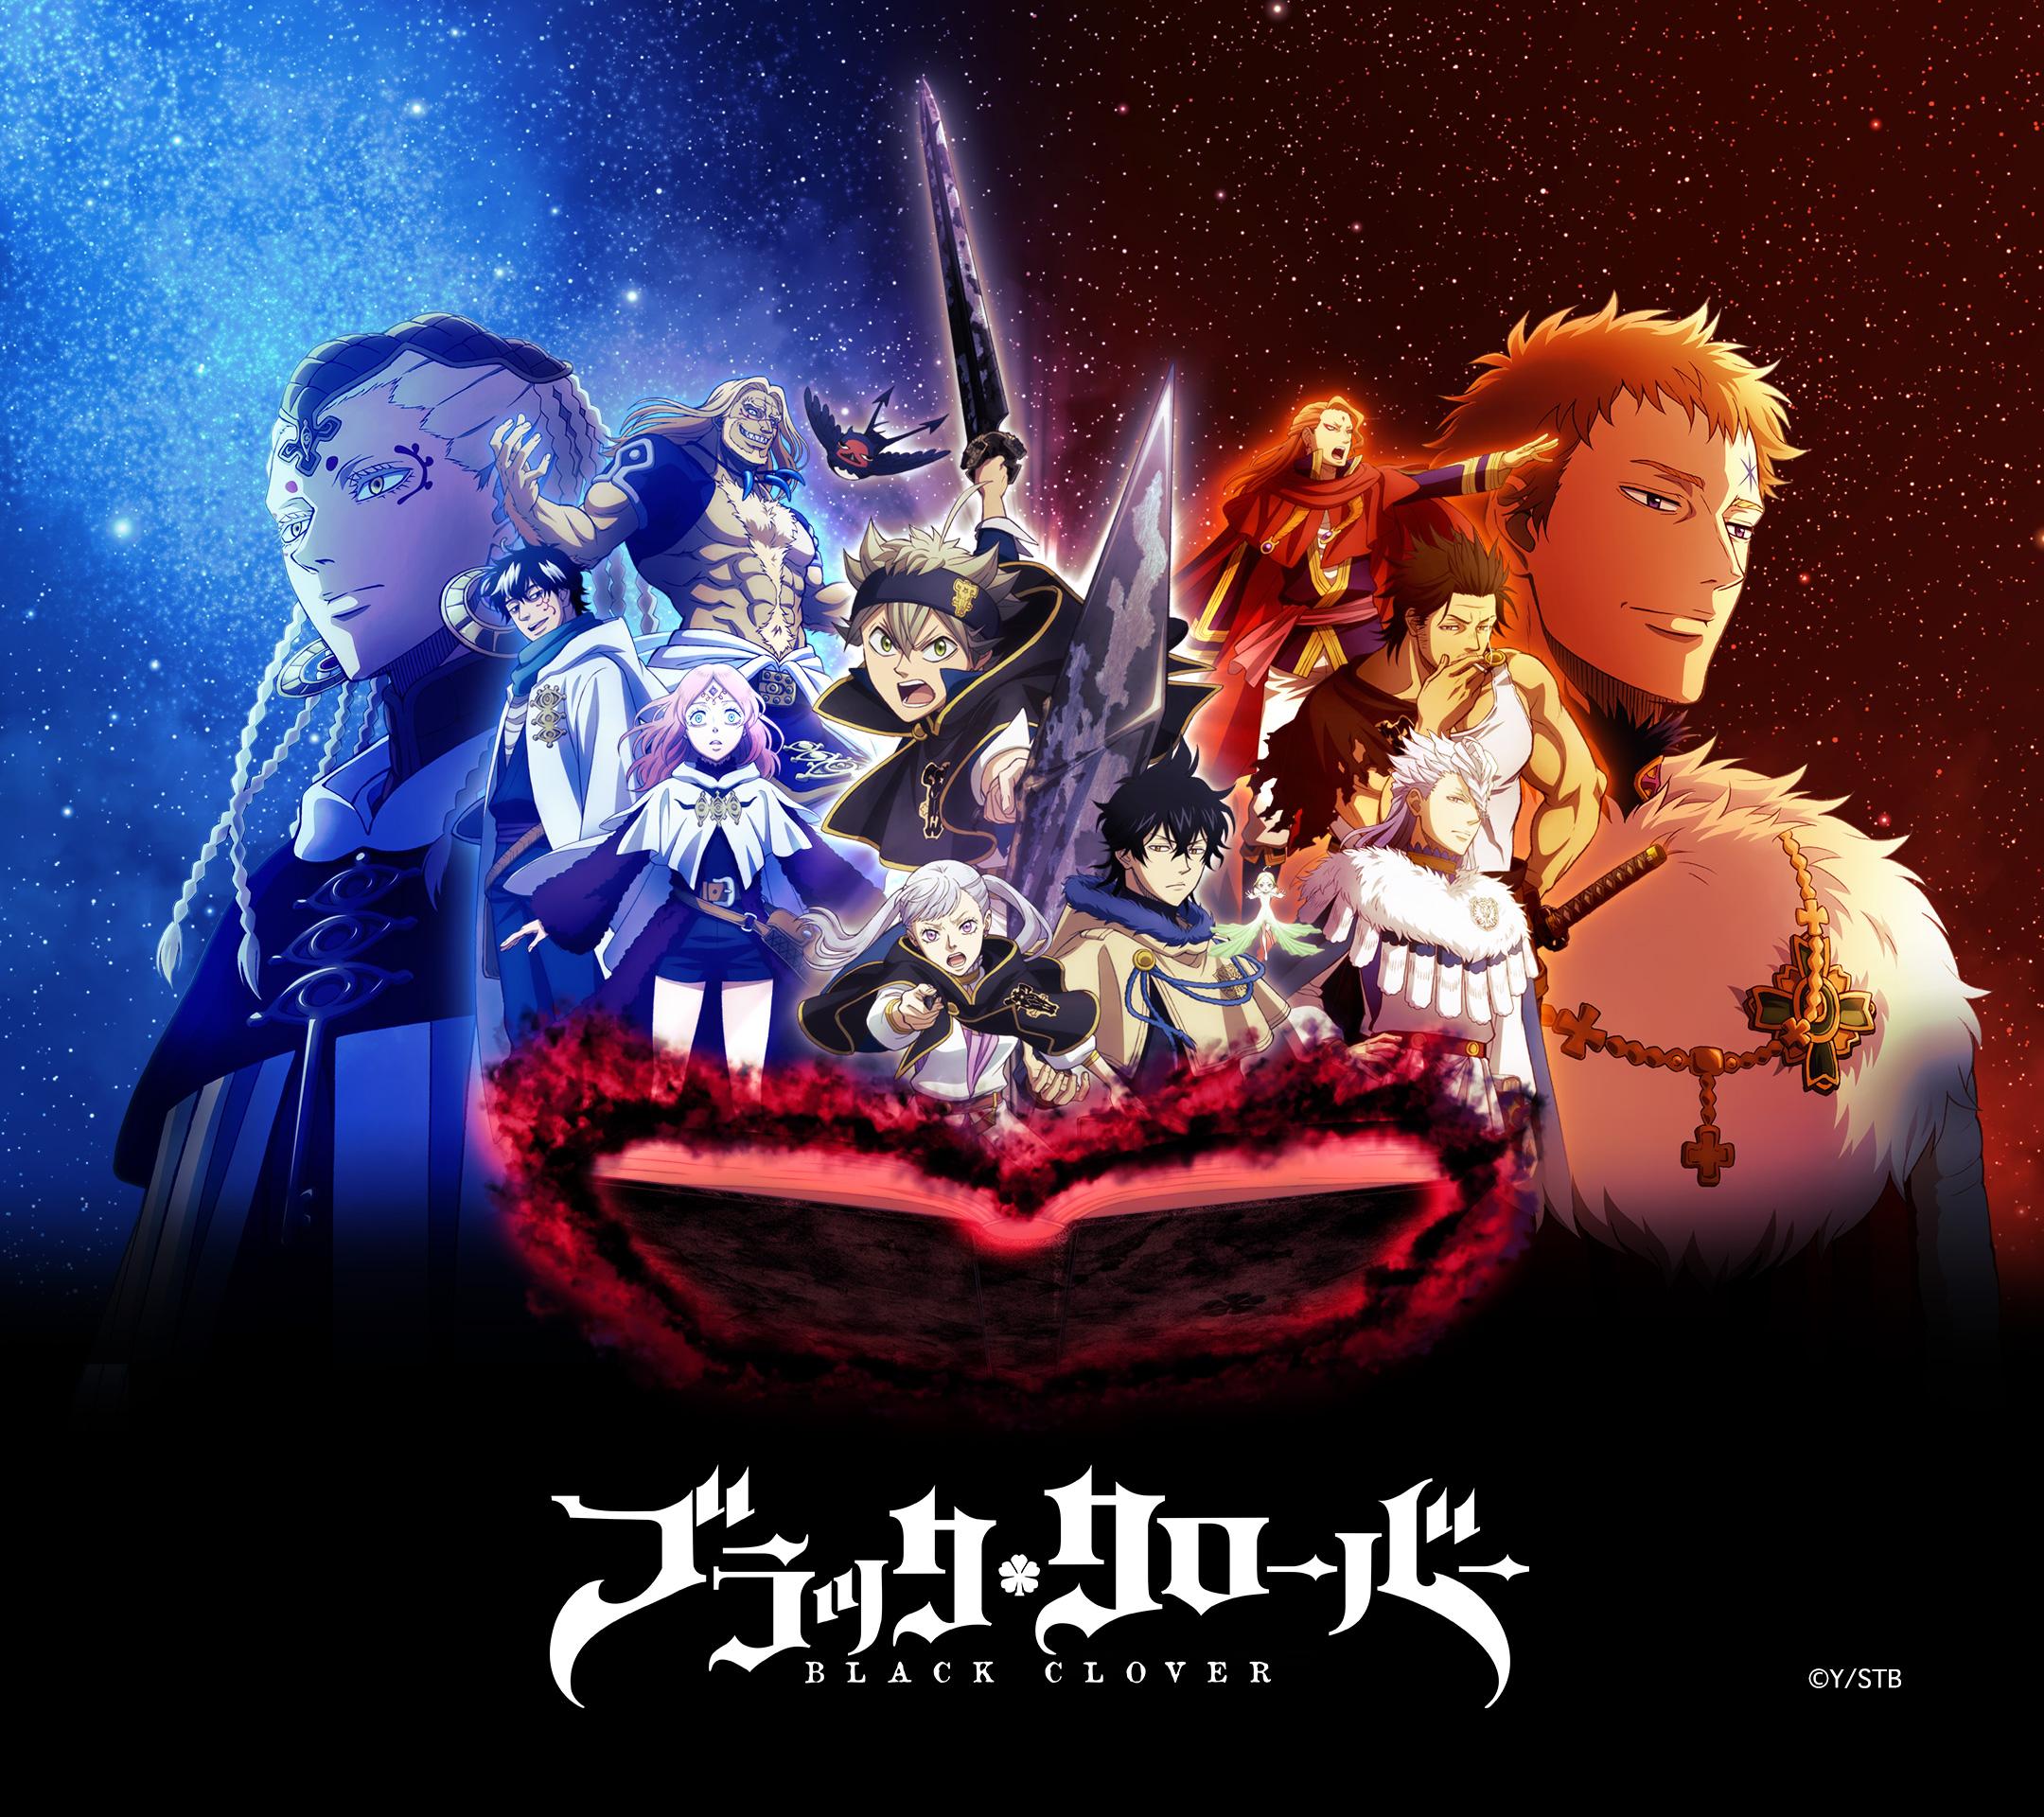 News Tvアニメ ブラッククローバー 公式サイト